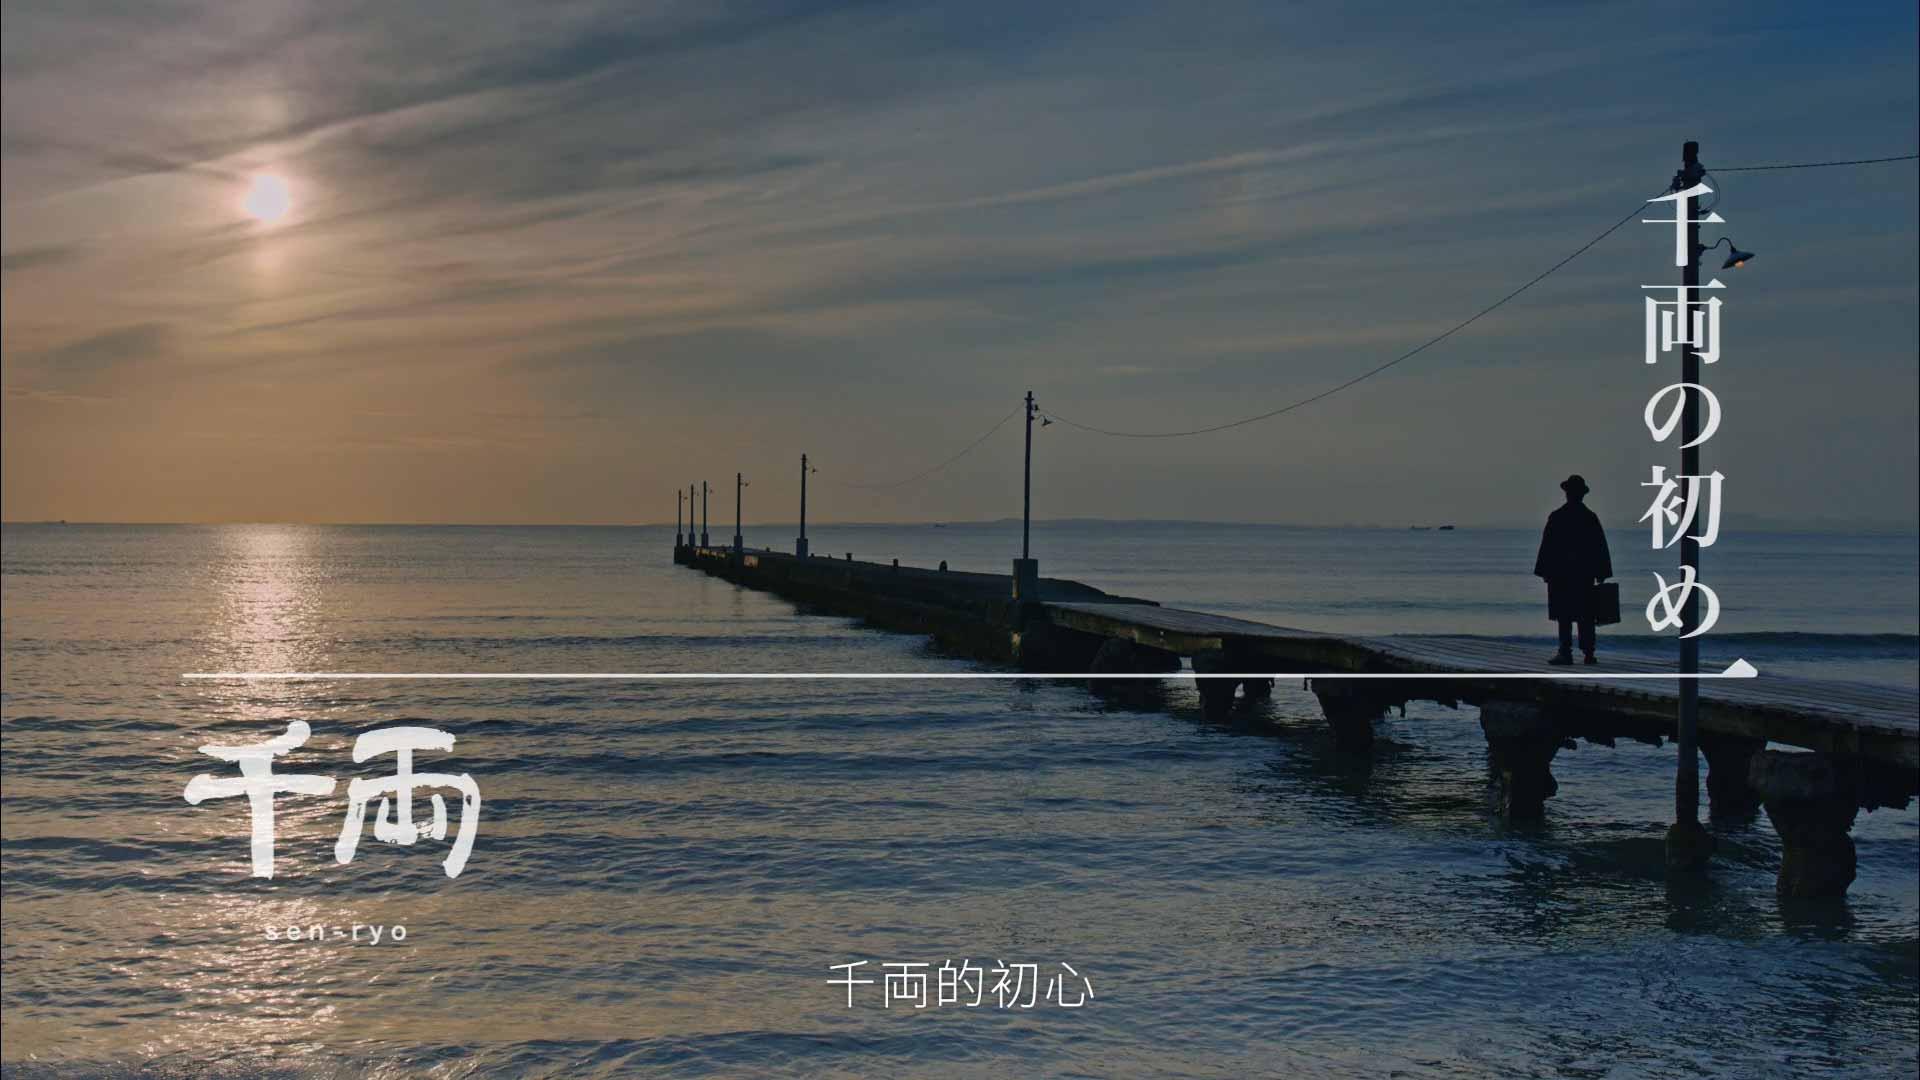 千両香港「千両の初め」